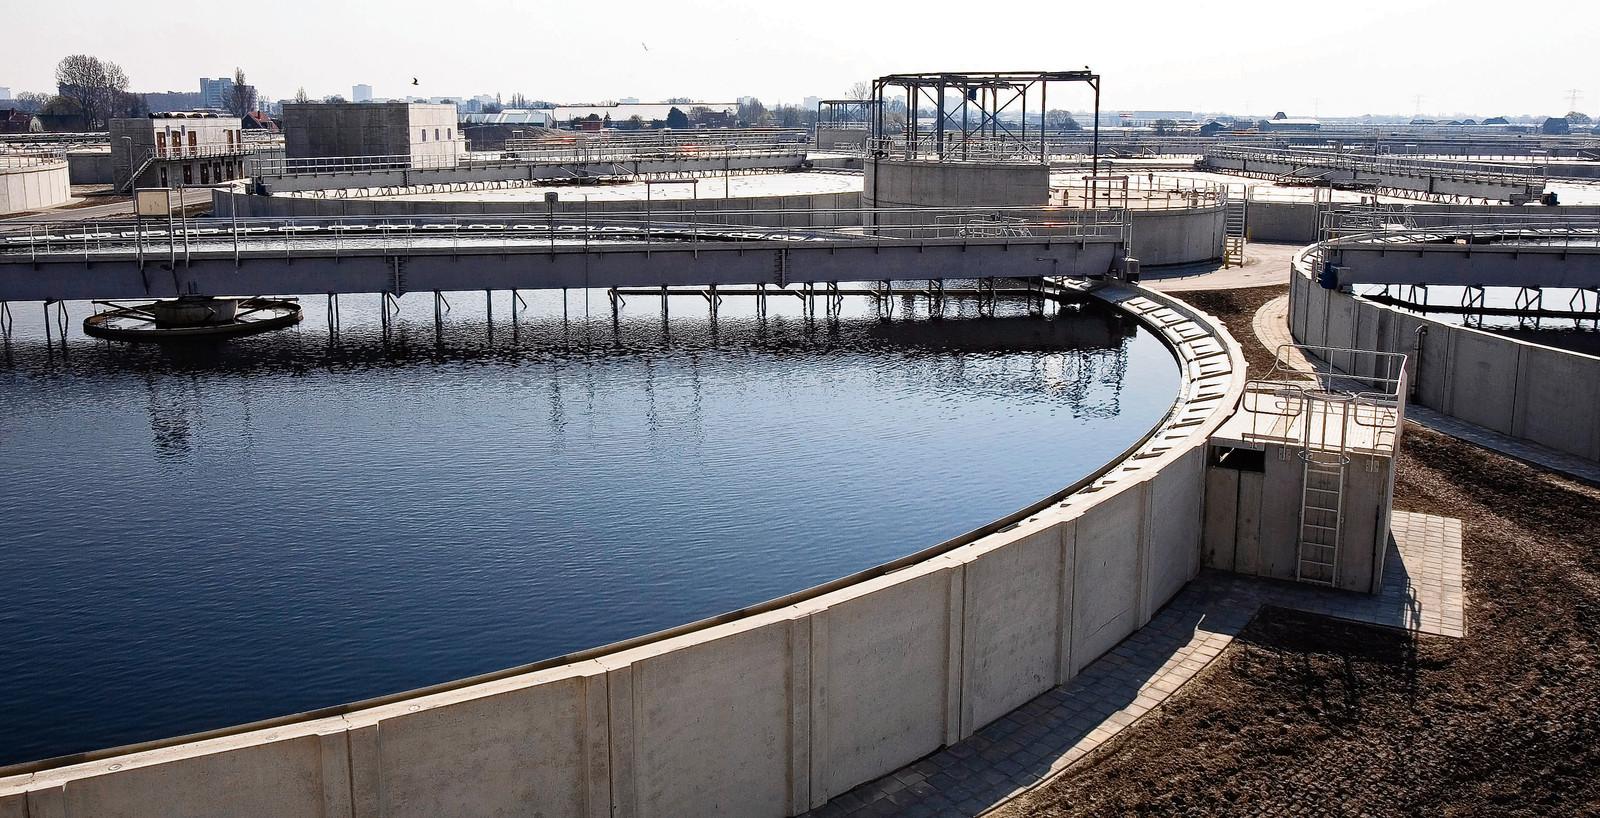 Rioolwaterzuiveringsinstallaties zoals deze bij Den Haag verbruiken veel energie.